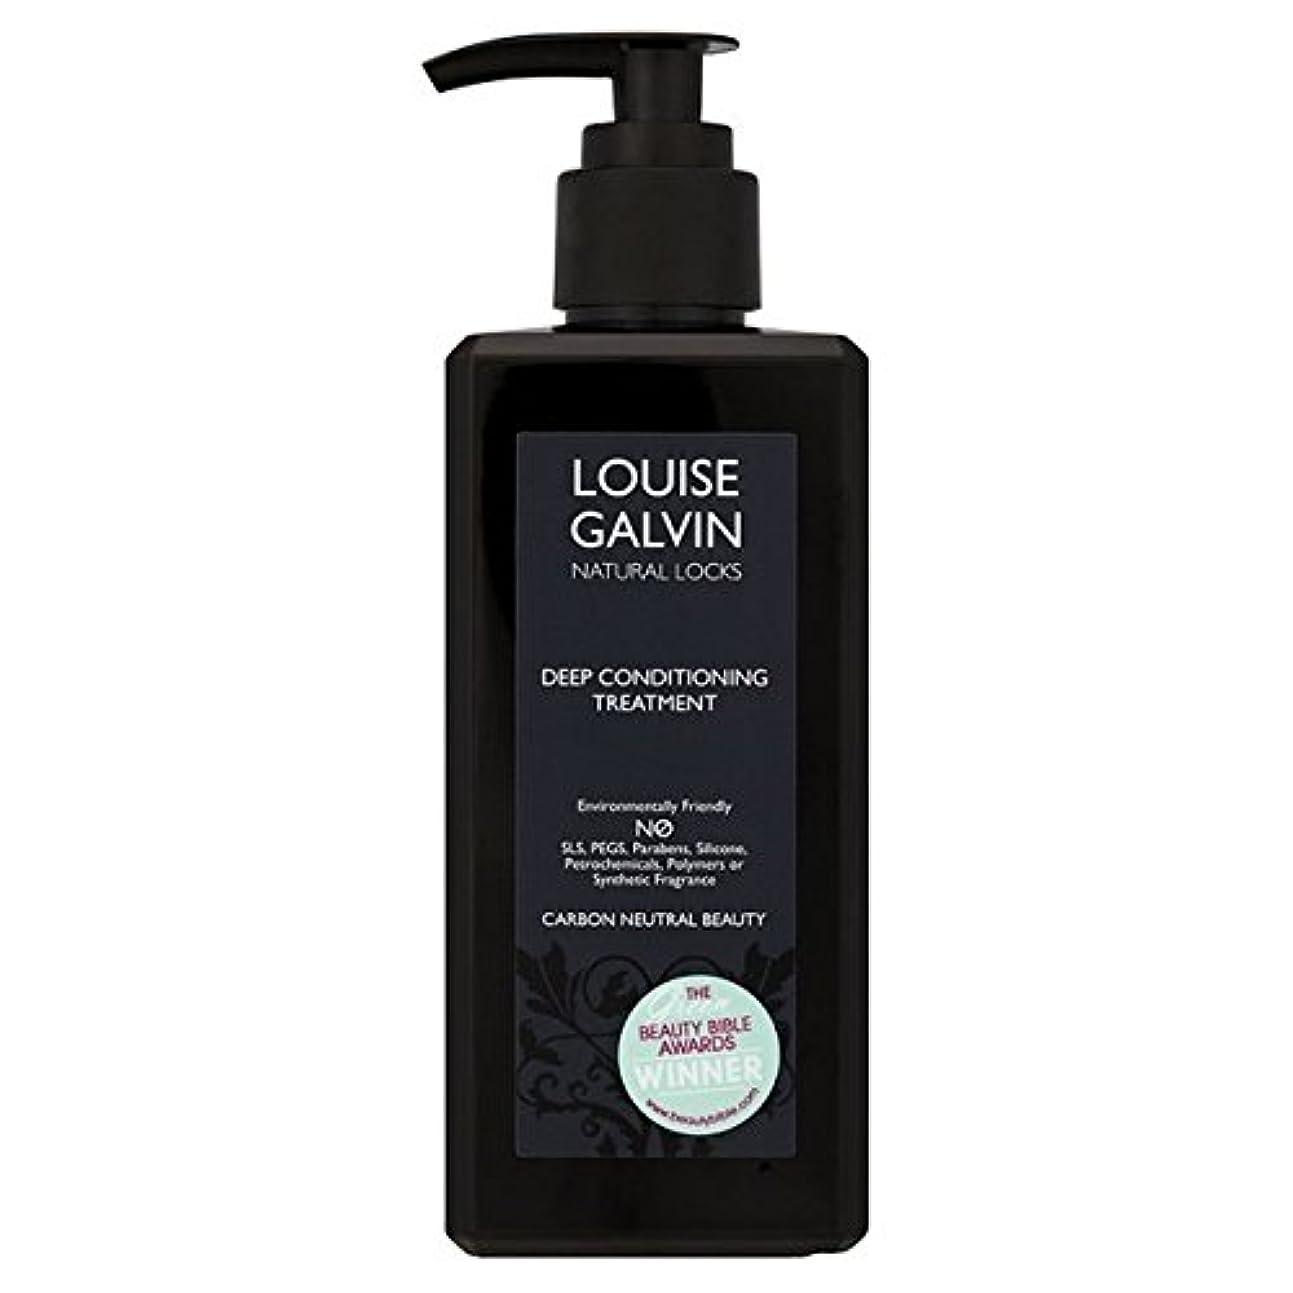 ステートメントずらす宇宙のLouise Galvin Pure Shine Conditioner For Normal Hair 300ml - ノーマルヘア300ミリリットルのためのルイーズガルビン純粋な輝きコンディショナー [並行輸入品]